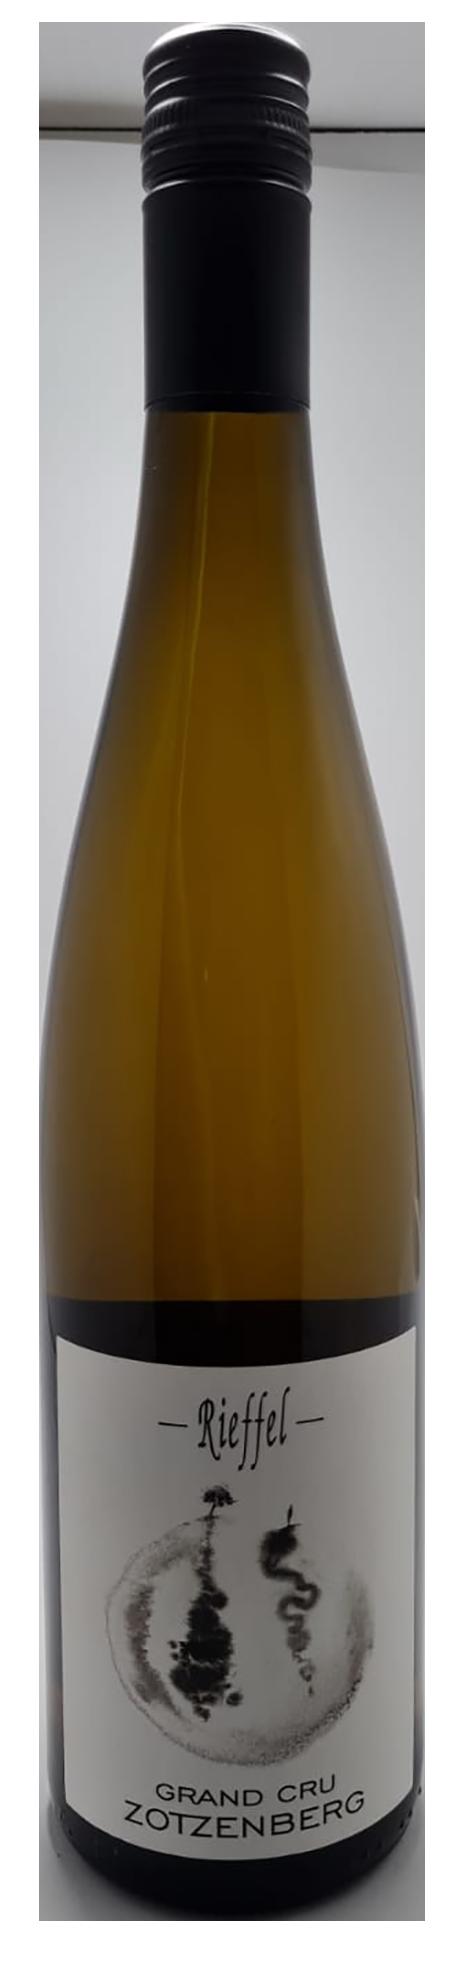 bouteille de vin blanc naturel d'alsace, cuvée Sylvaner Grand Cru Zotzenberg 2017, domaine Rieffel